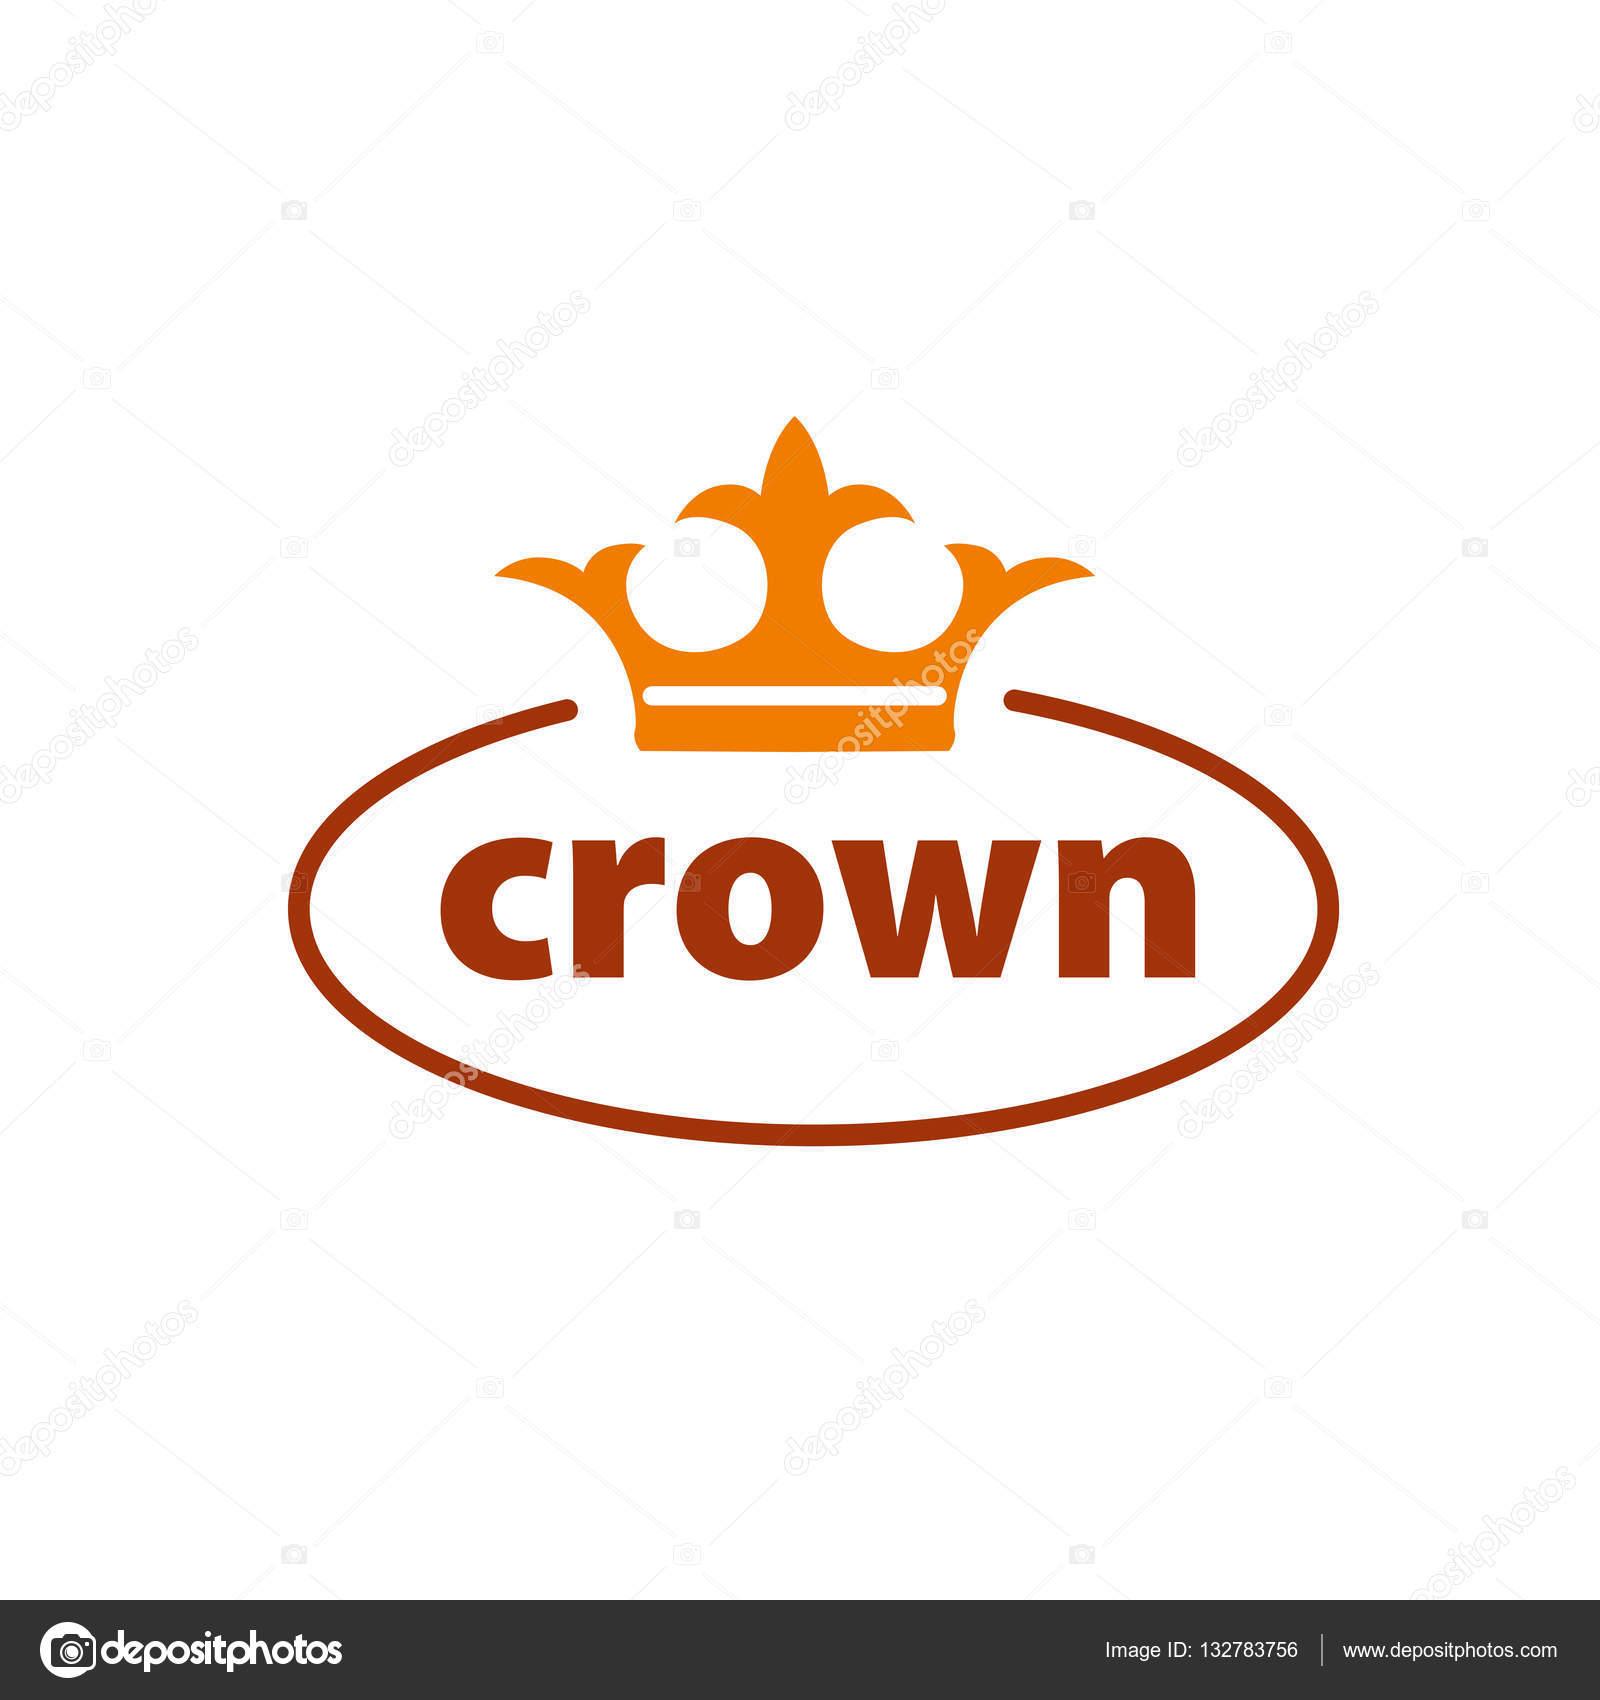 Corona de logo vector — Archivo Imágenes Vectoriales © artbutenkov ...